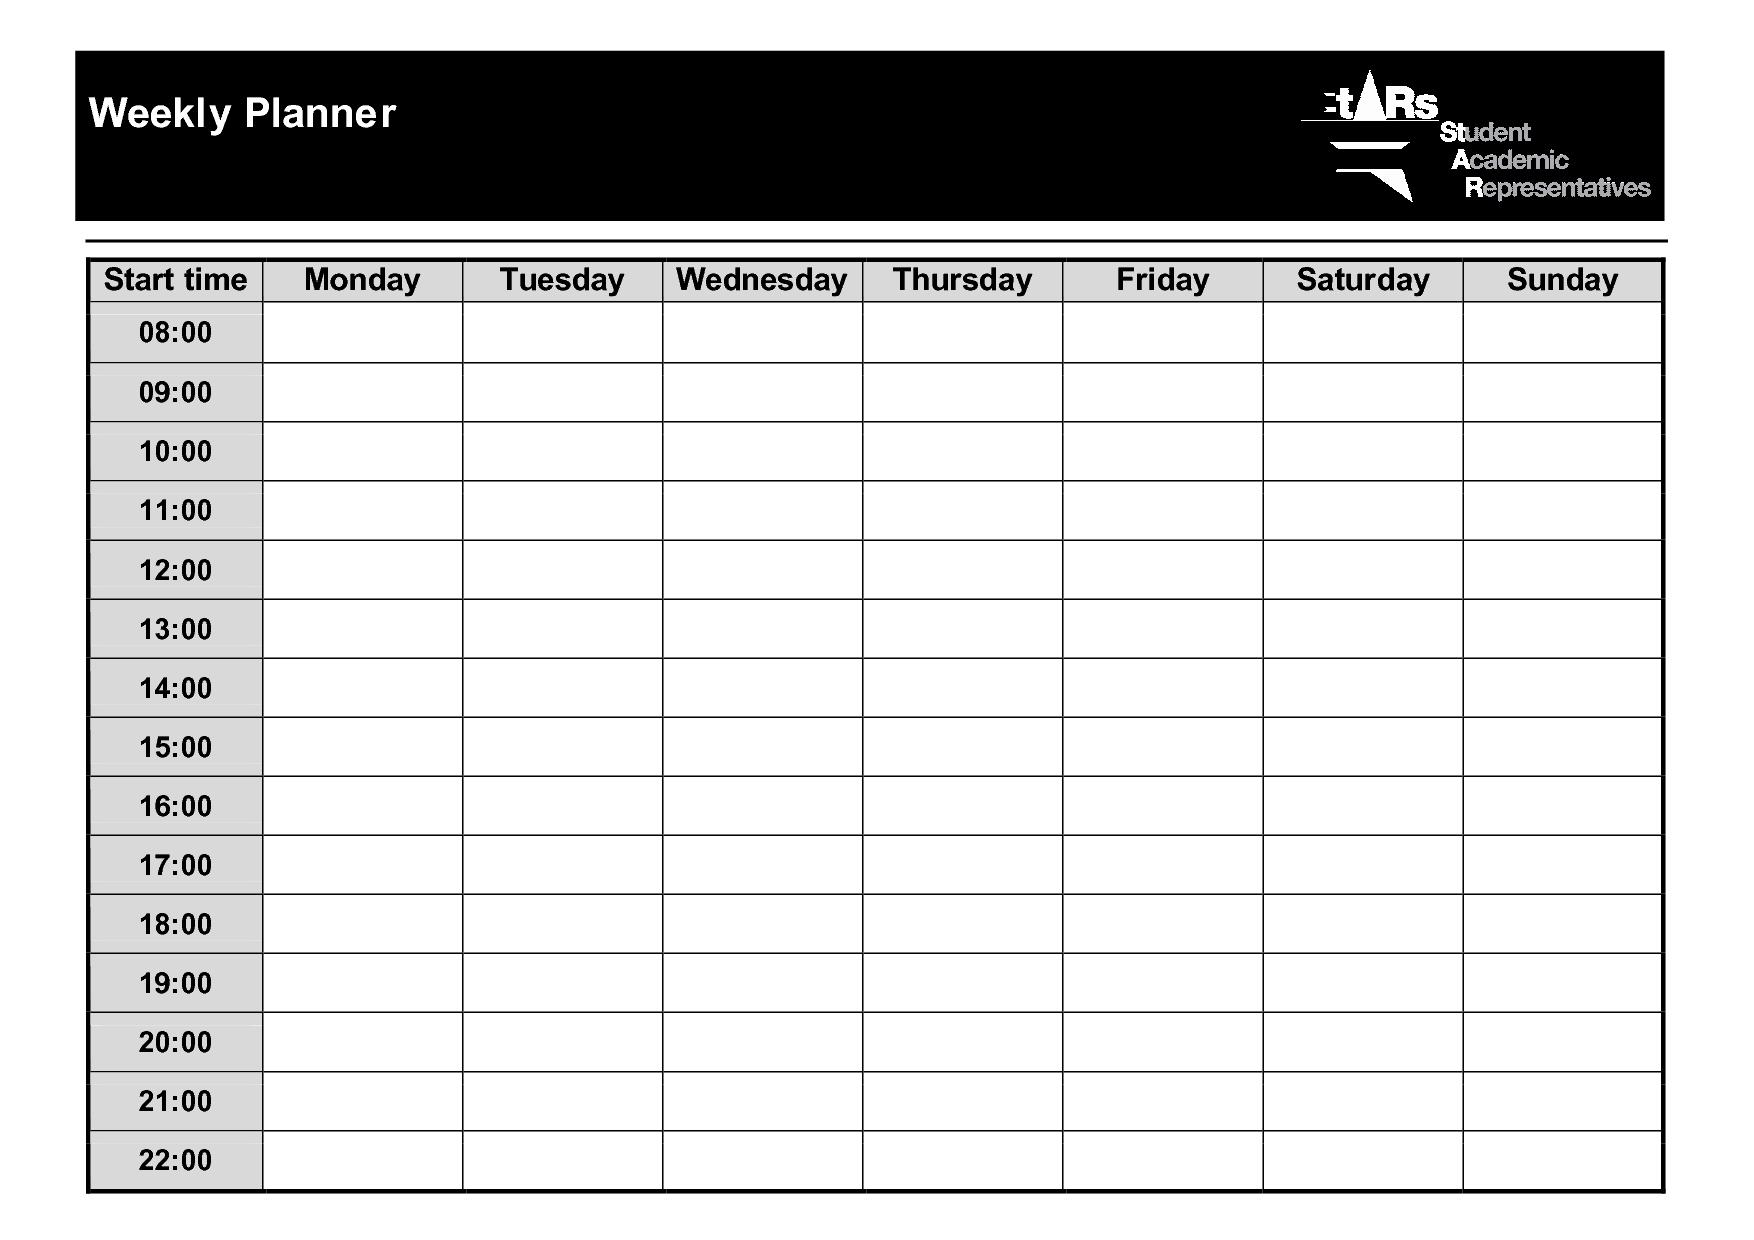 Weekly Planner Template Pdf | Printable Planner Template in Free Printable Weekly Calendars Pdf